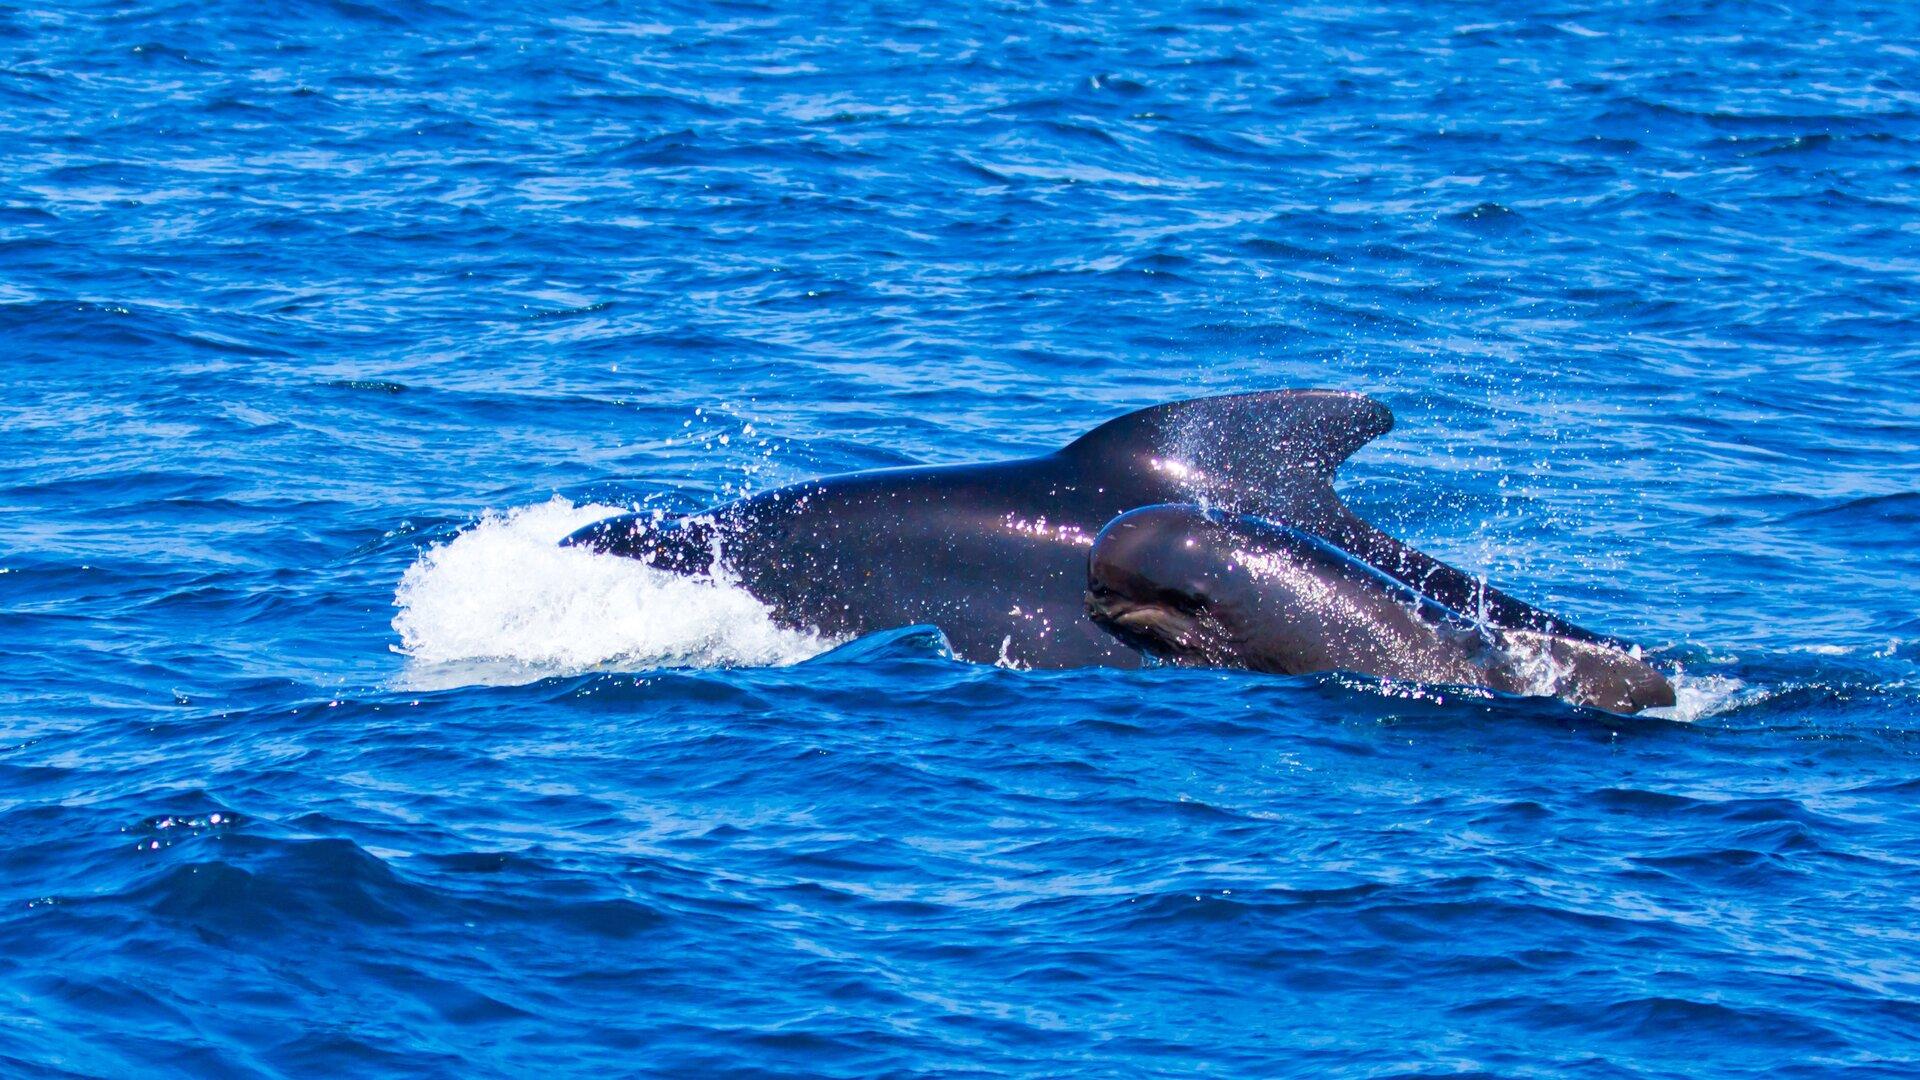 Zdjęcie przedstawia dwa stworzenia morskie przypominające delfiny, pływające wmorzu lub oceanie.